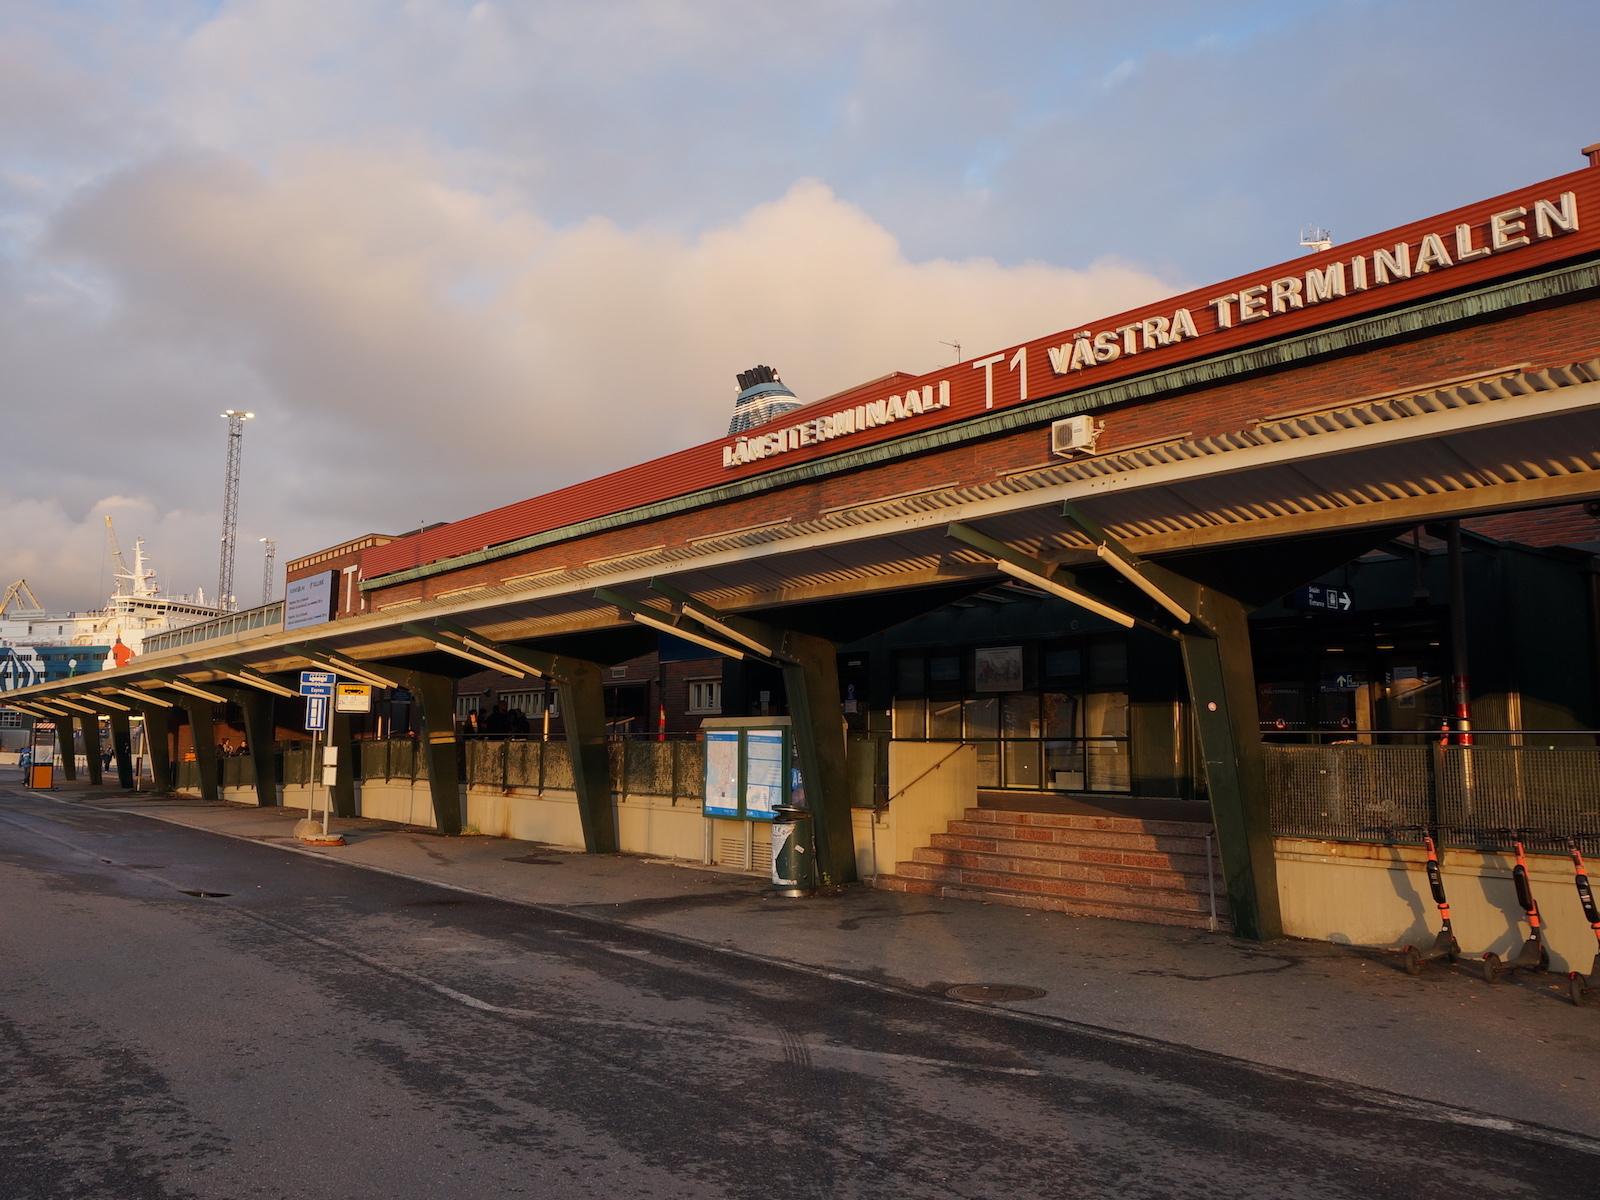 Terminal 1 of Helsinki West Harbor (Länsiterminaali T1)